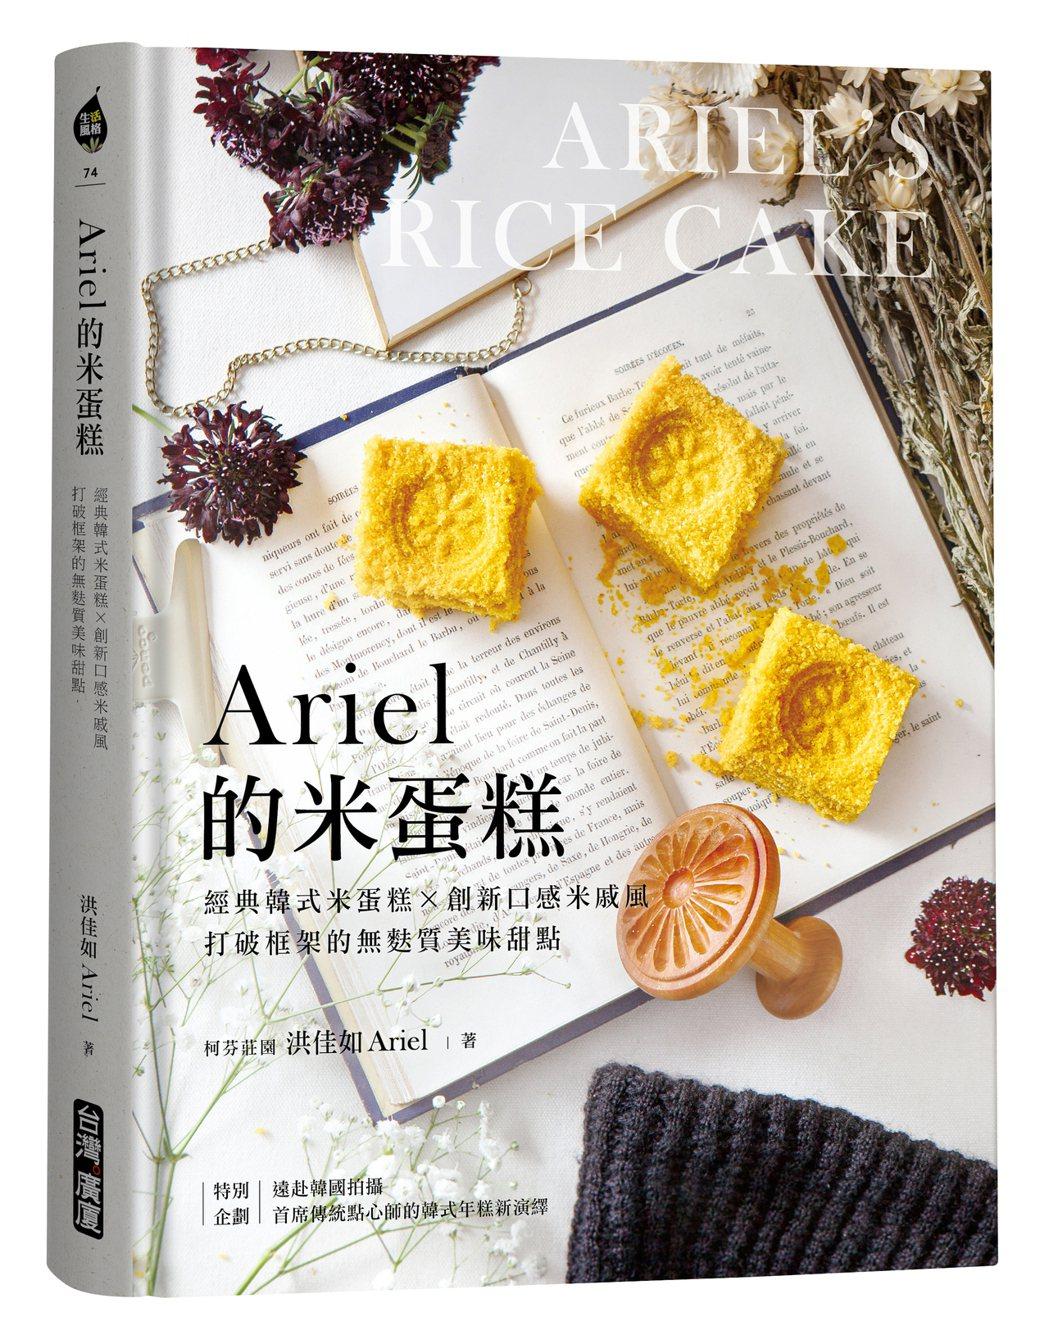 書名/《Ariel的米蛋糕》、作者/洪佳如(Ariel)、圖/台灣廣廈提供